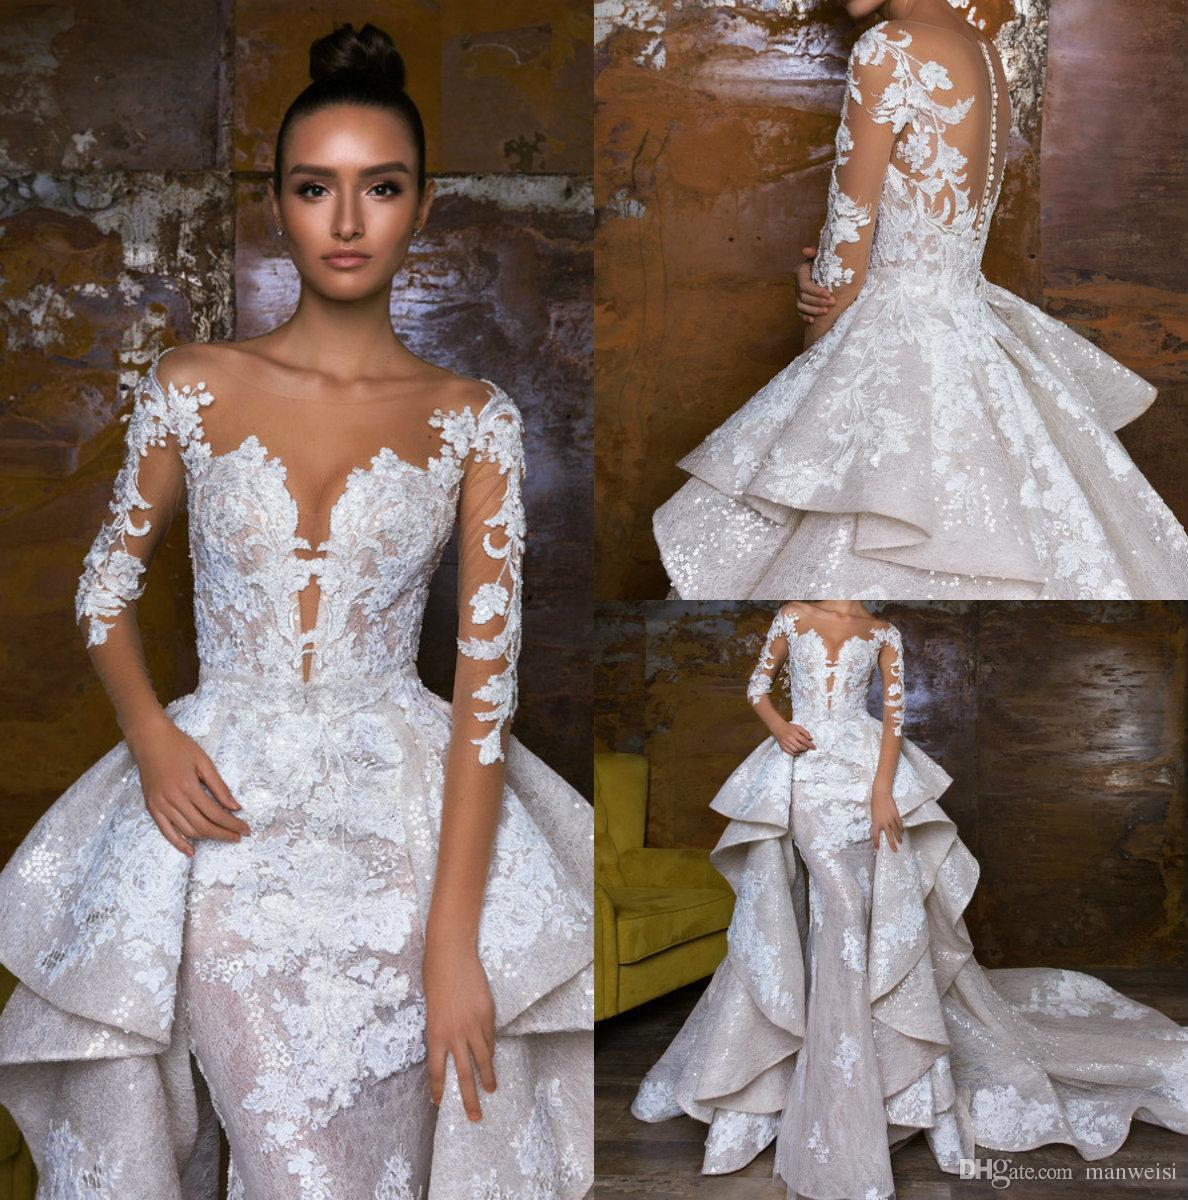 bfe6ec52cb Compre 2018 Nuevos Vestidos De Novia De La Sirena Diseñados Con El Cordón  Desmontable Appliqued Vestidos De Novia De La Ilusión Bodice Vestido De  Boda Del ...